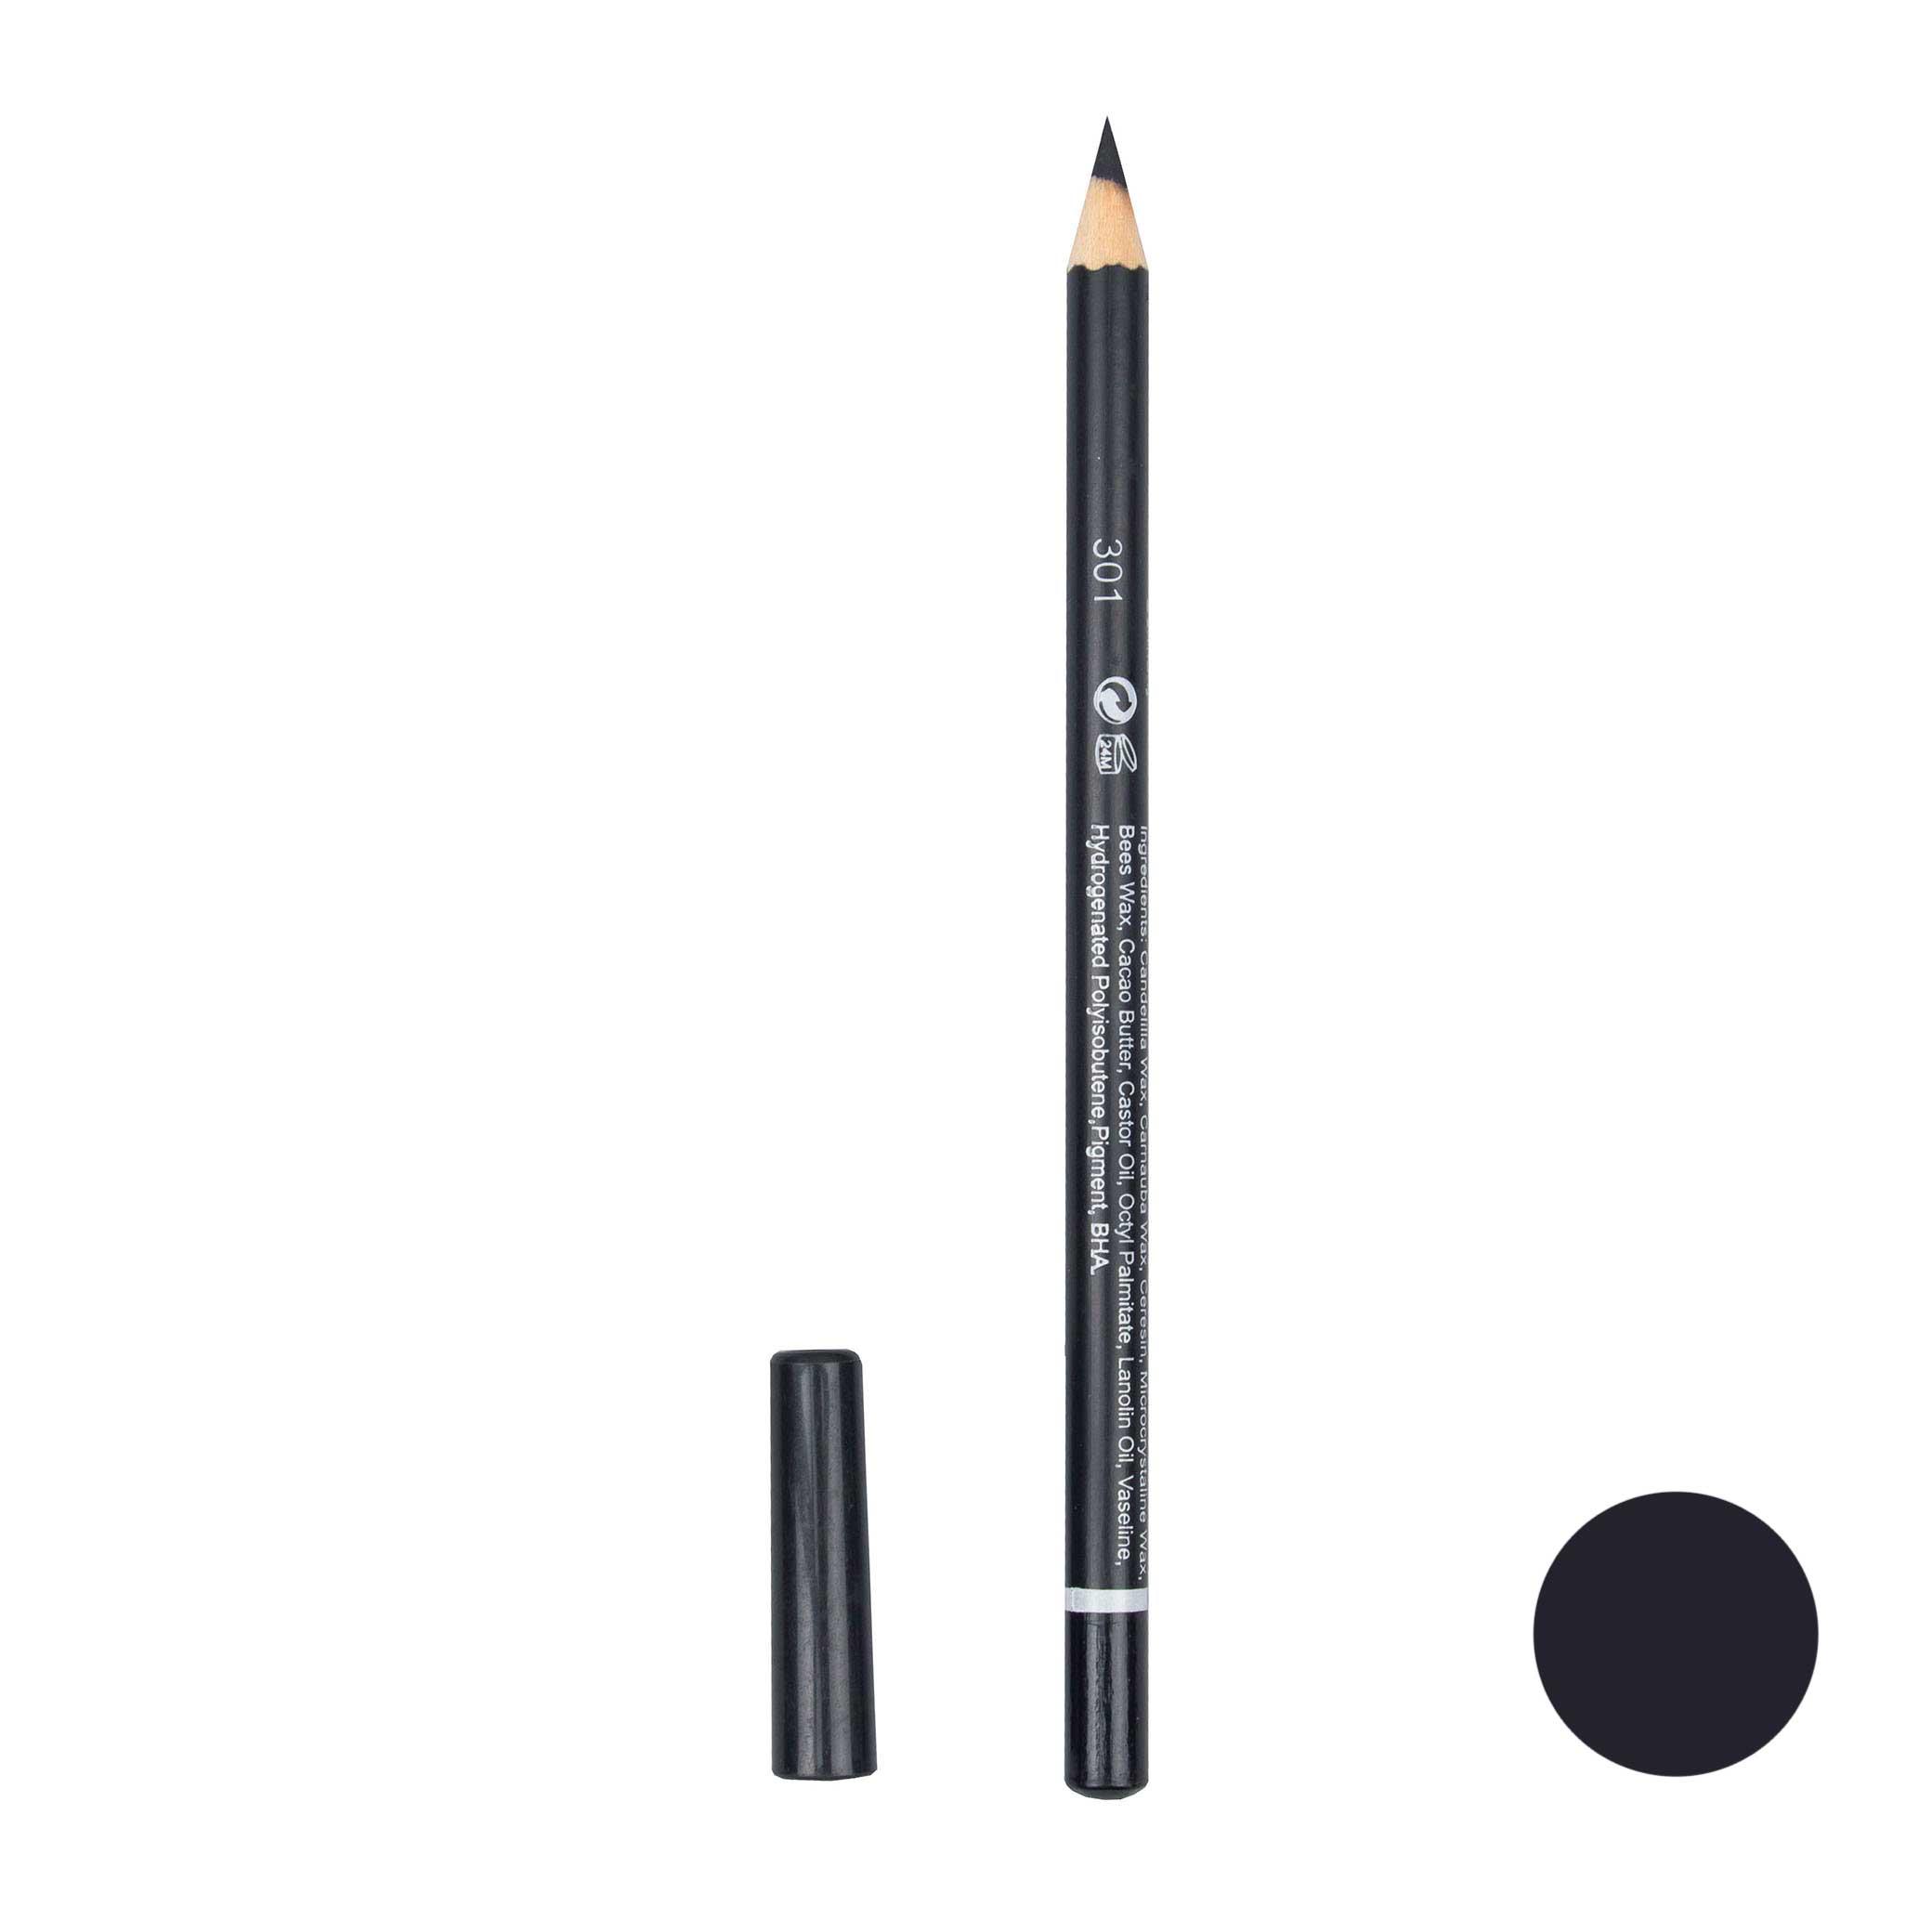 مداد چشم جیو مدل RM 86 شماره 301